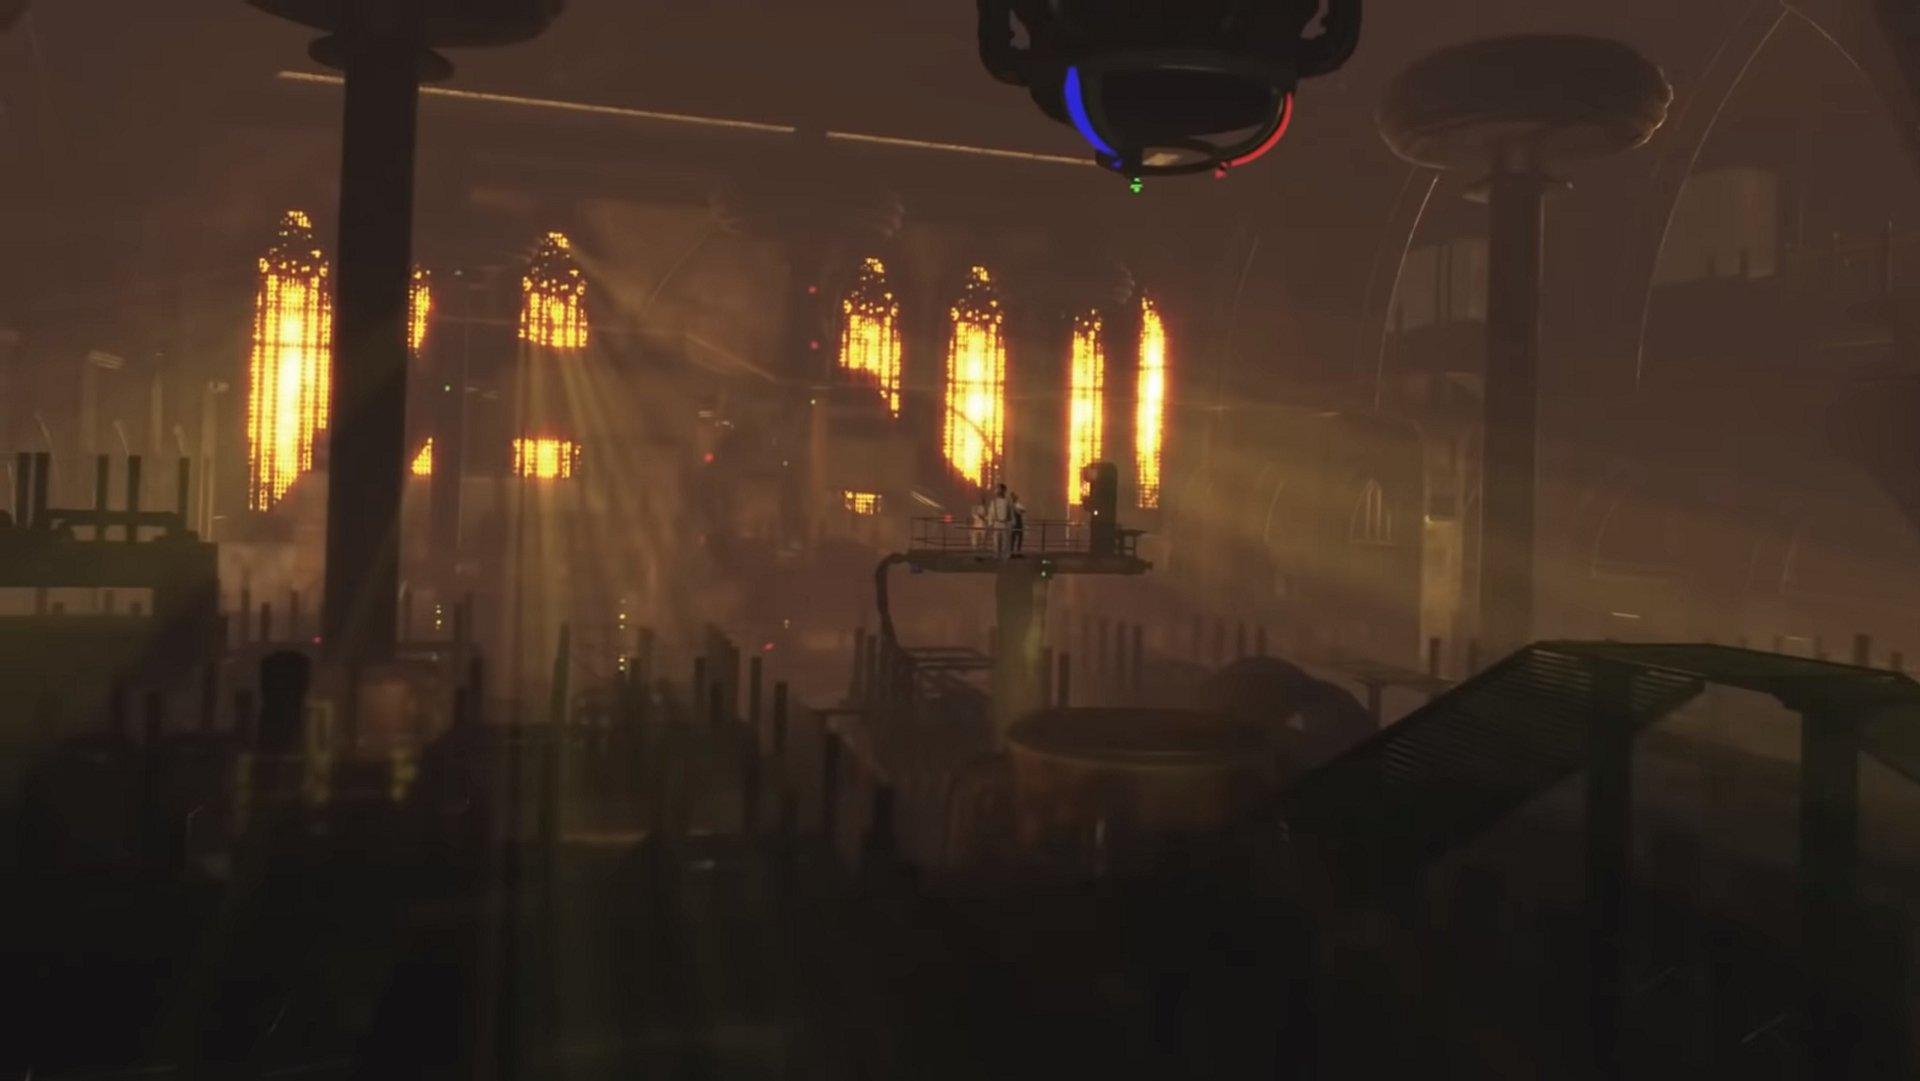 VR Escape Room Huxley Omescape London